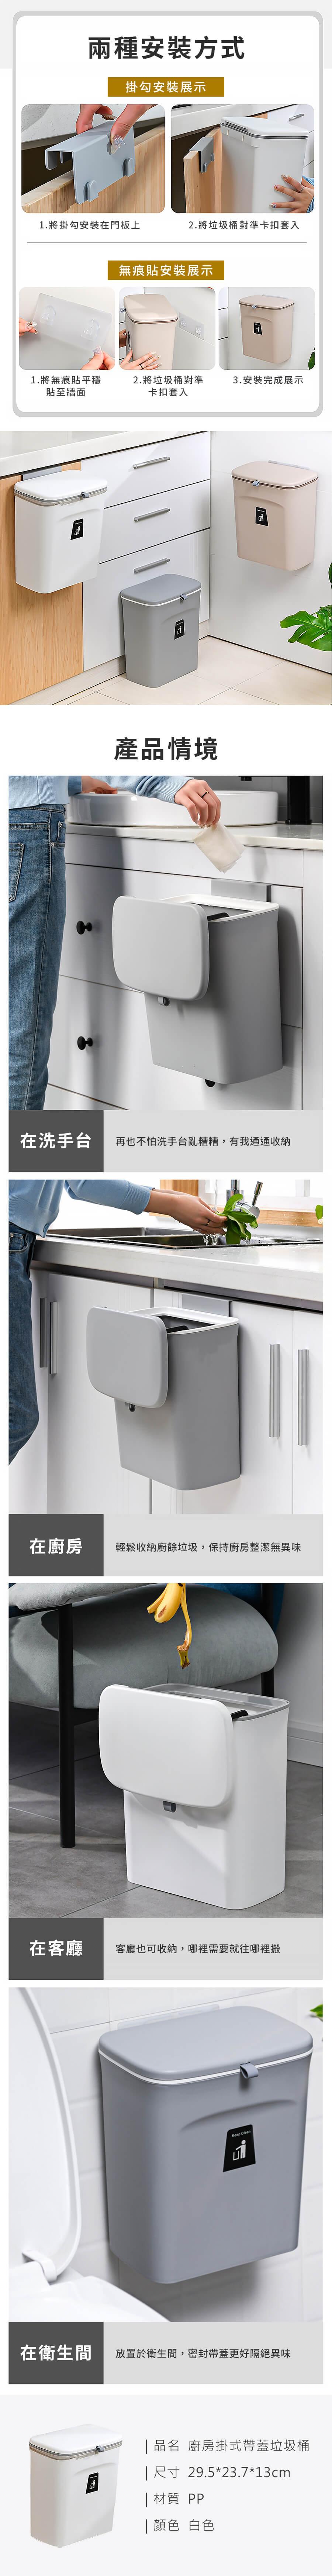 廚房掛式帶蓋垃圾桶_PDP_20210131_3.jpg